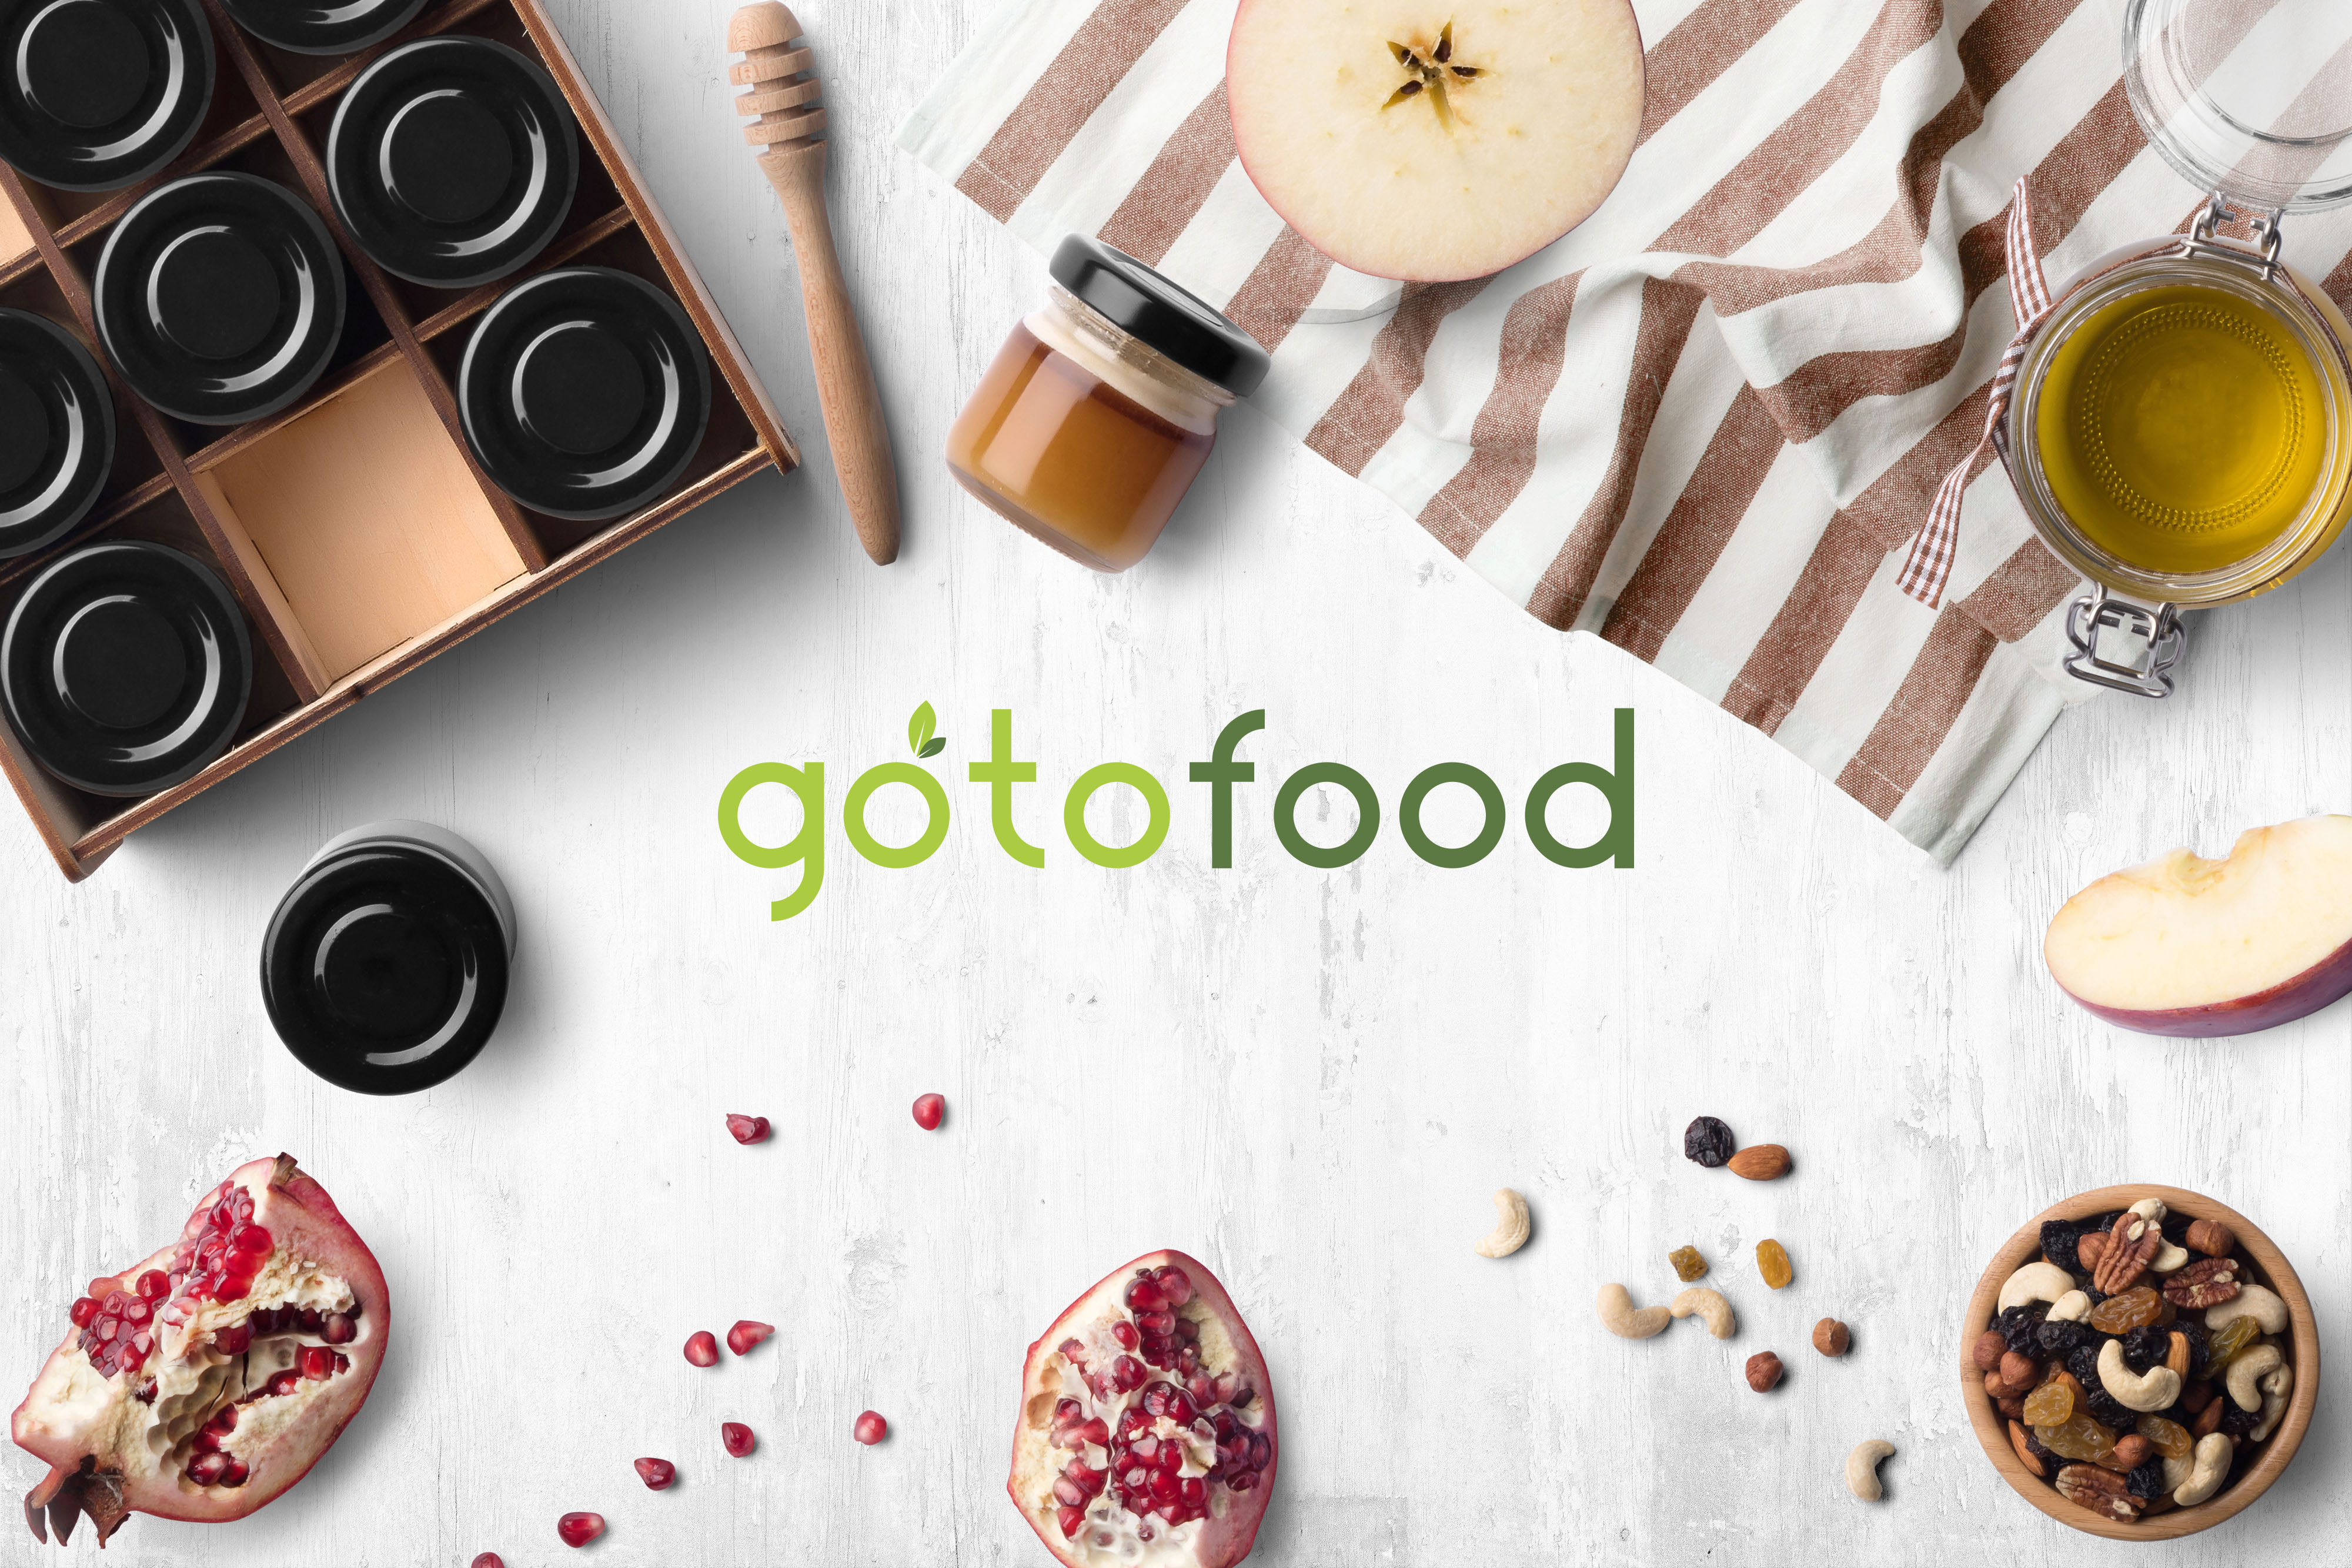 Логотип интернет-магазина здоровой еды фото f_3305cd40ae54fe0f.jpg